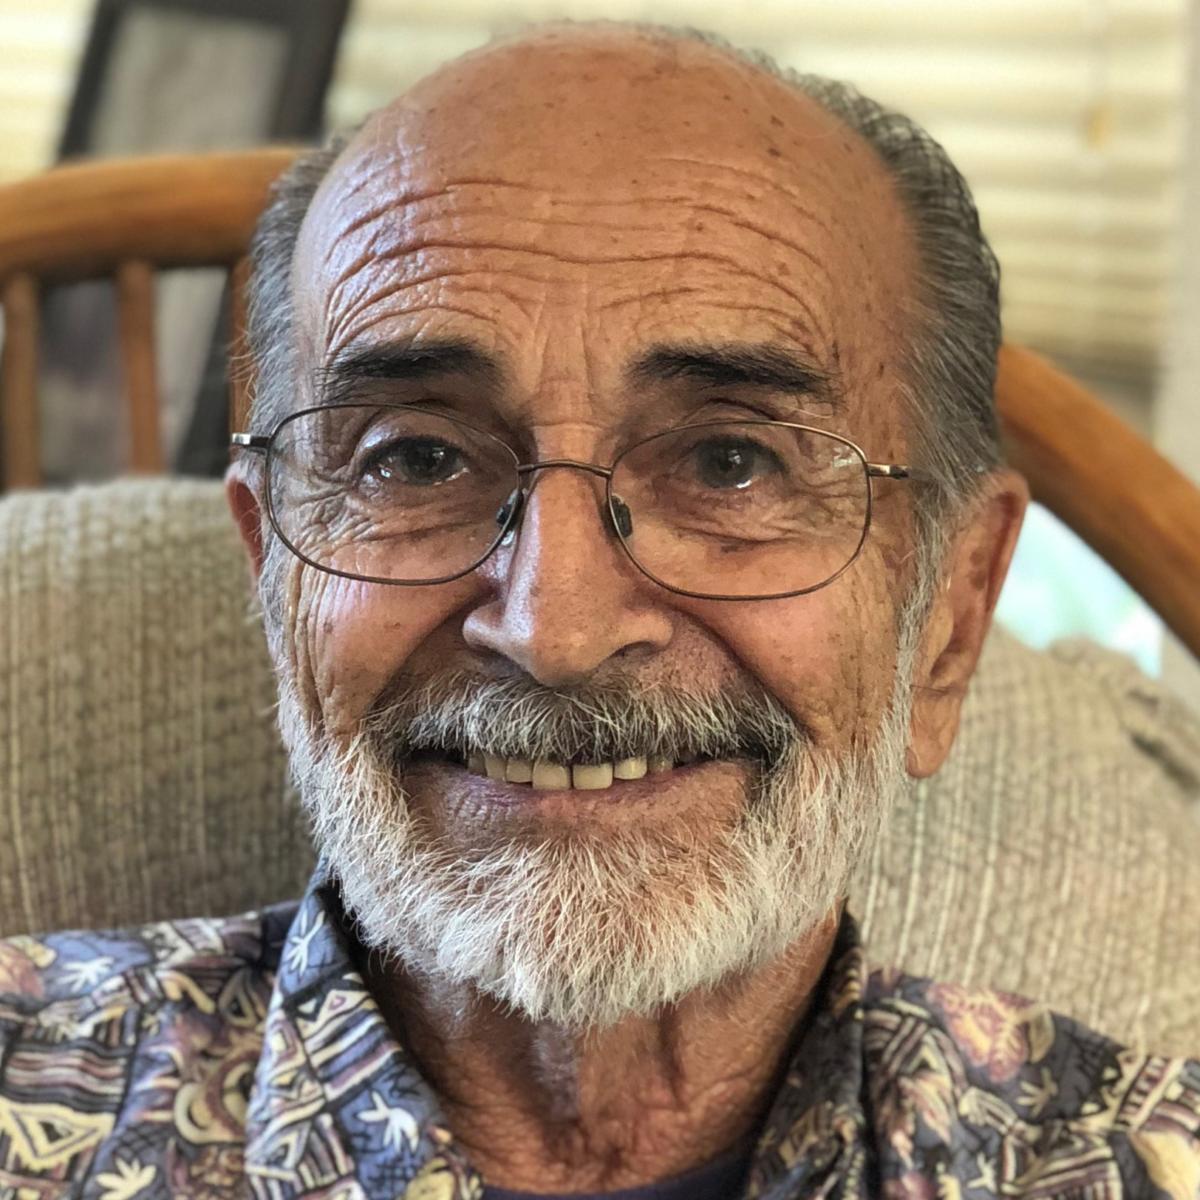 Sarcoma Stories: Gastrointestinal Stromal Tumor (GIST) | Louis Da Silva